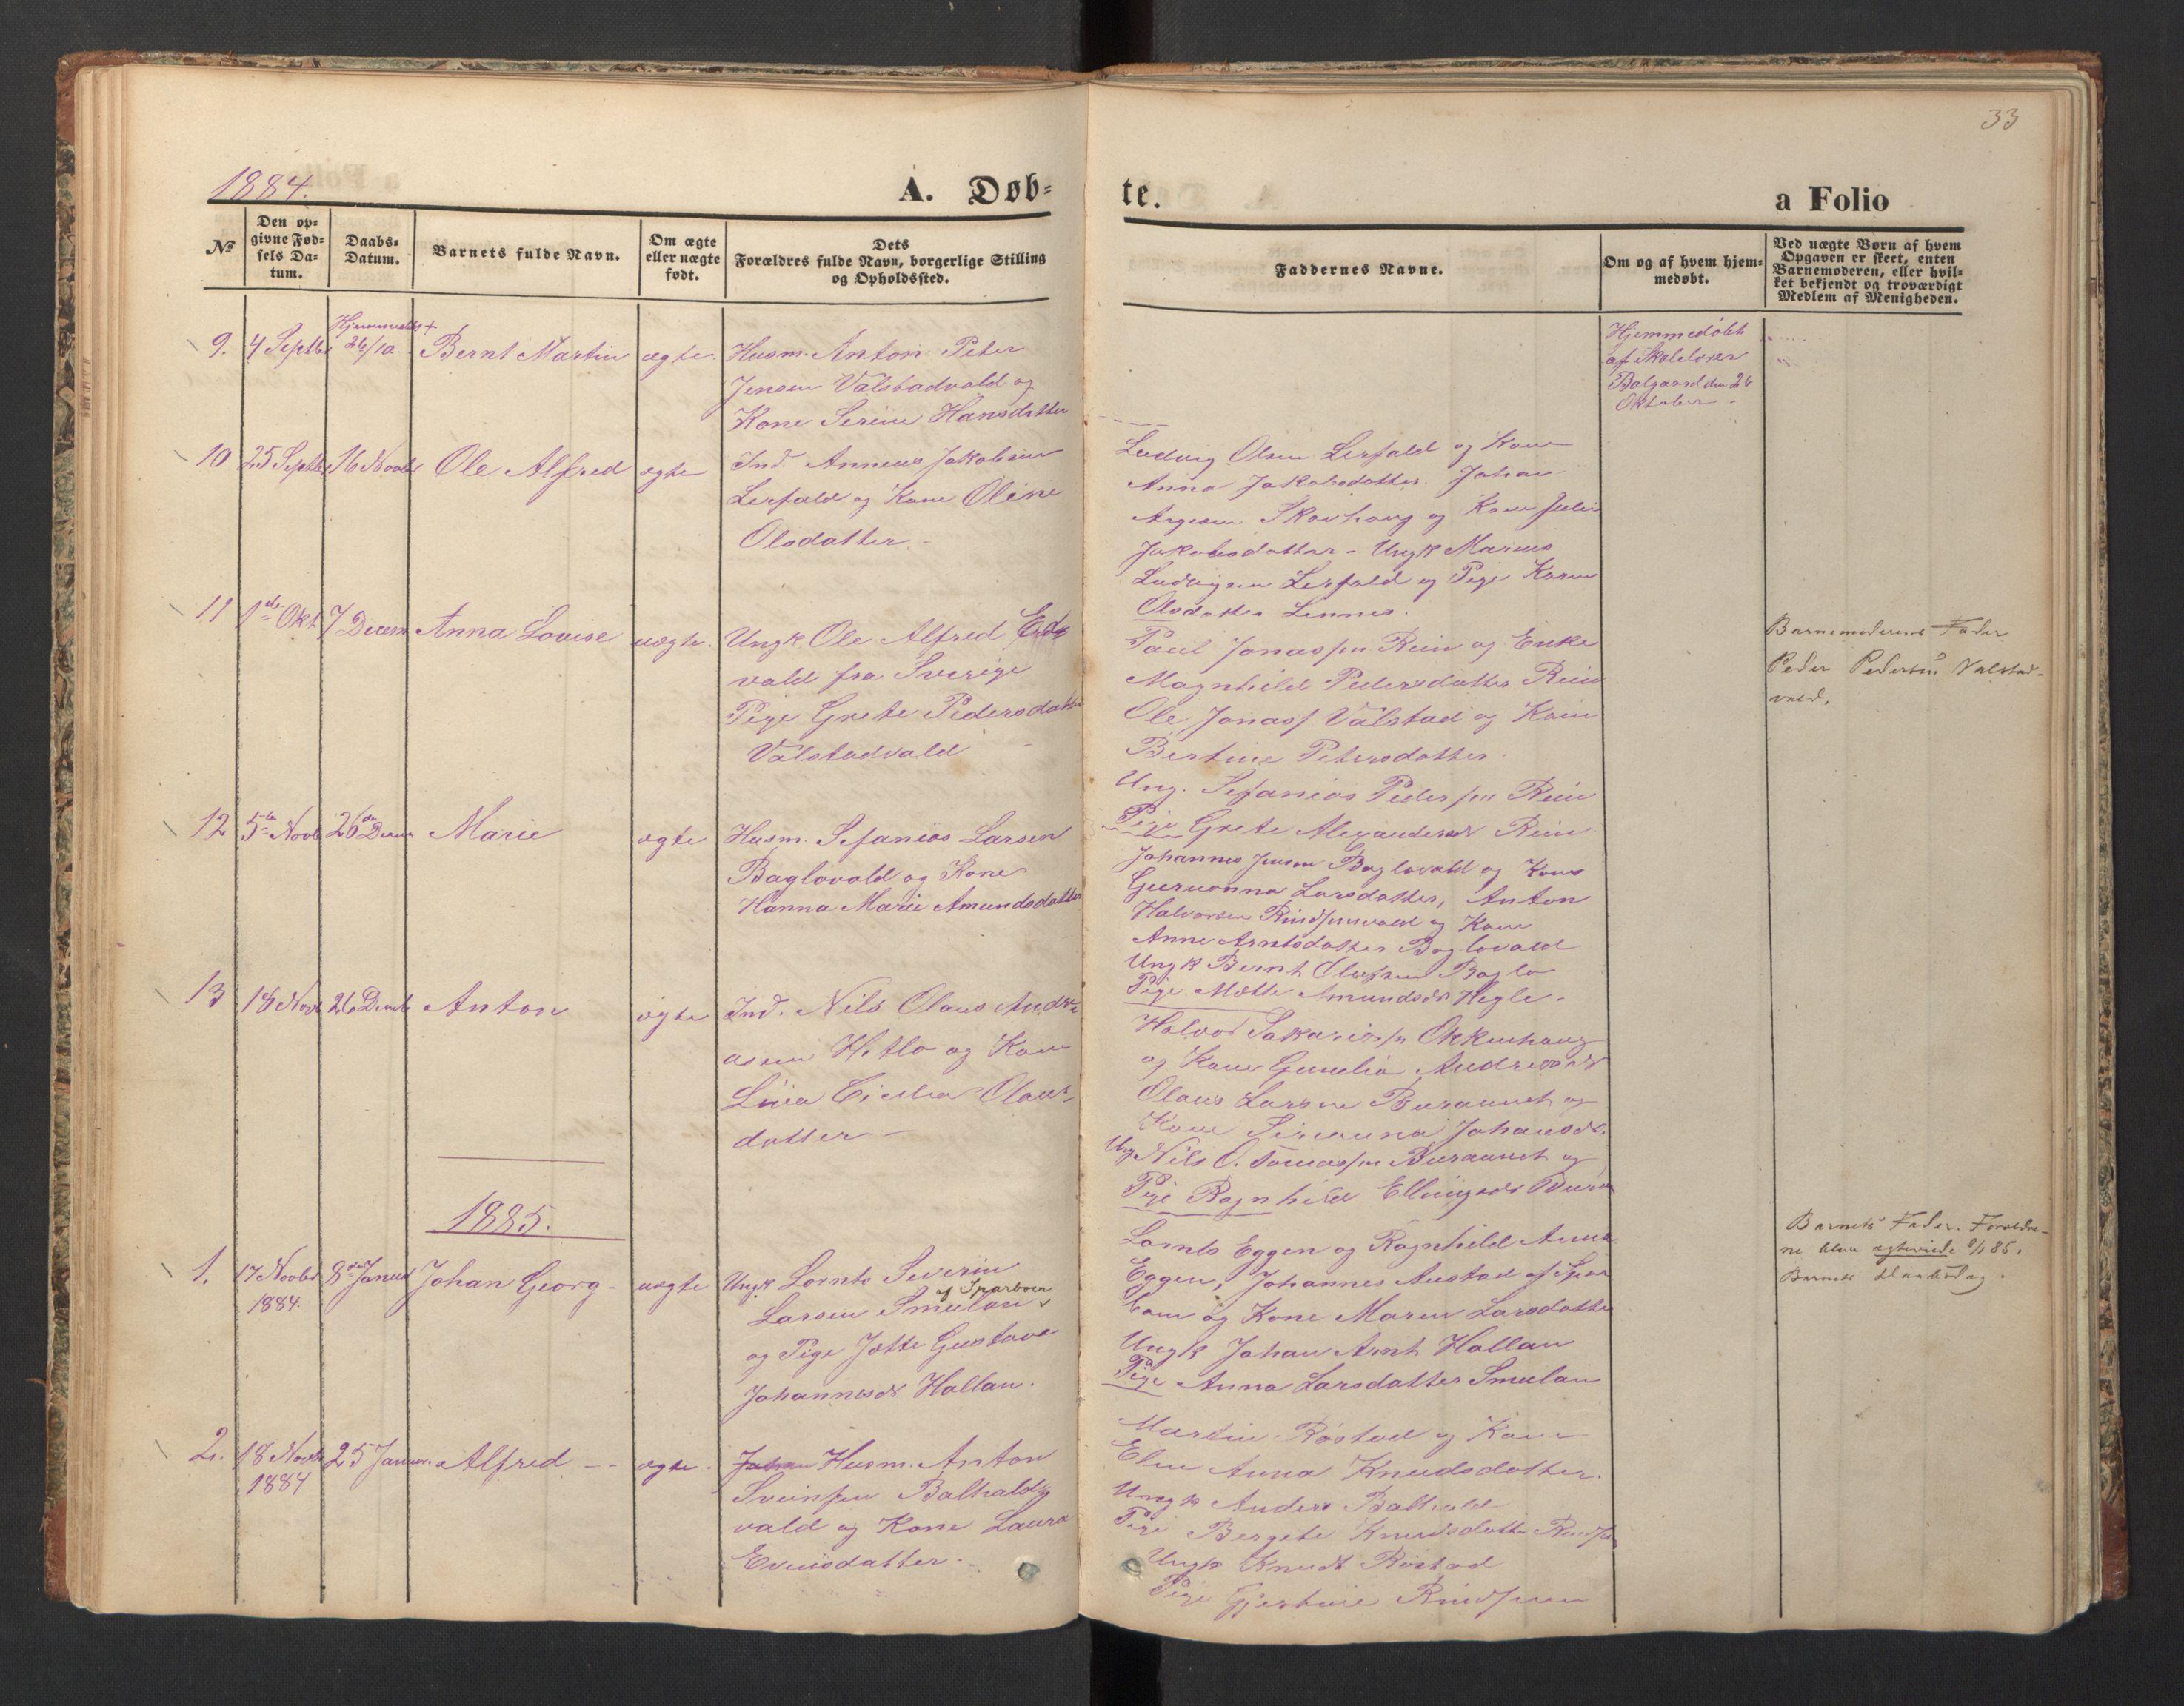 SAT, Ministerialprotokoller, klokkerbøker og fødselsregistre - Nord-Trøndelag, 726/L0271: Klokkerbok nr. 726C02, 1869-1897, s. 33